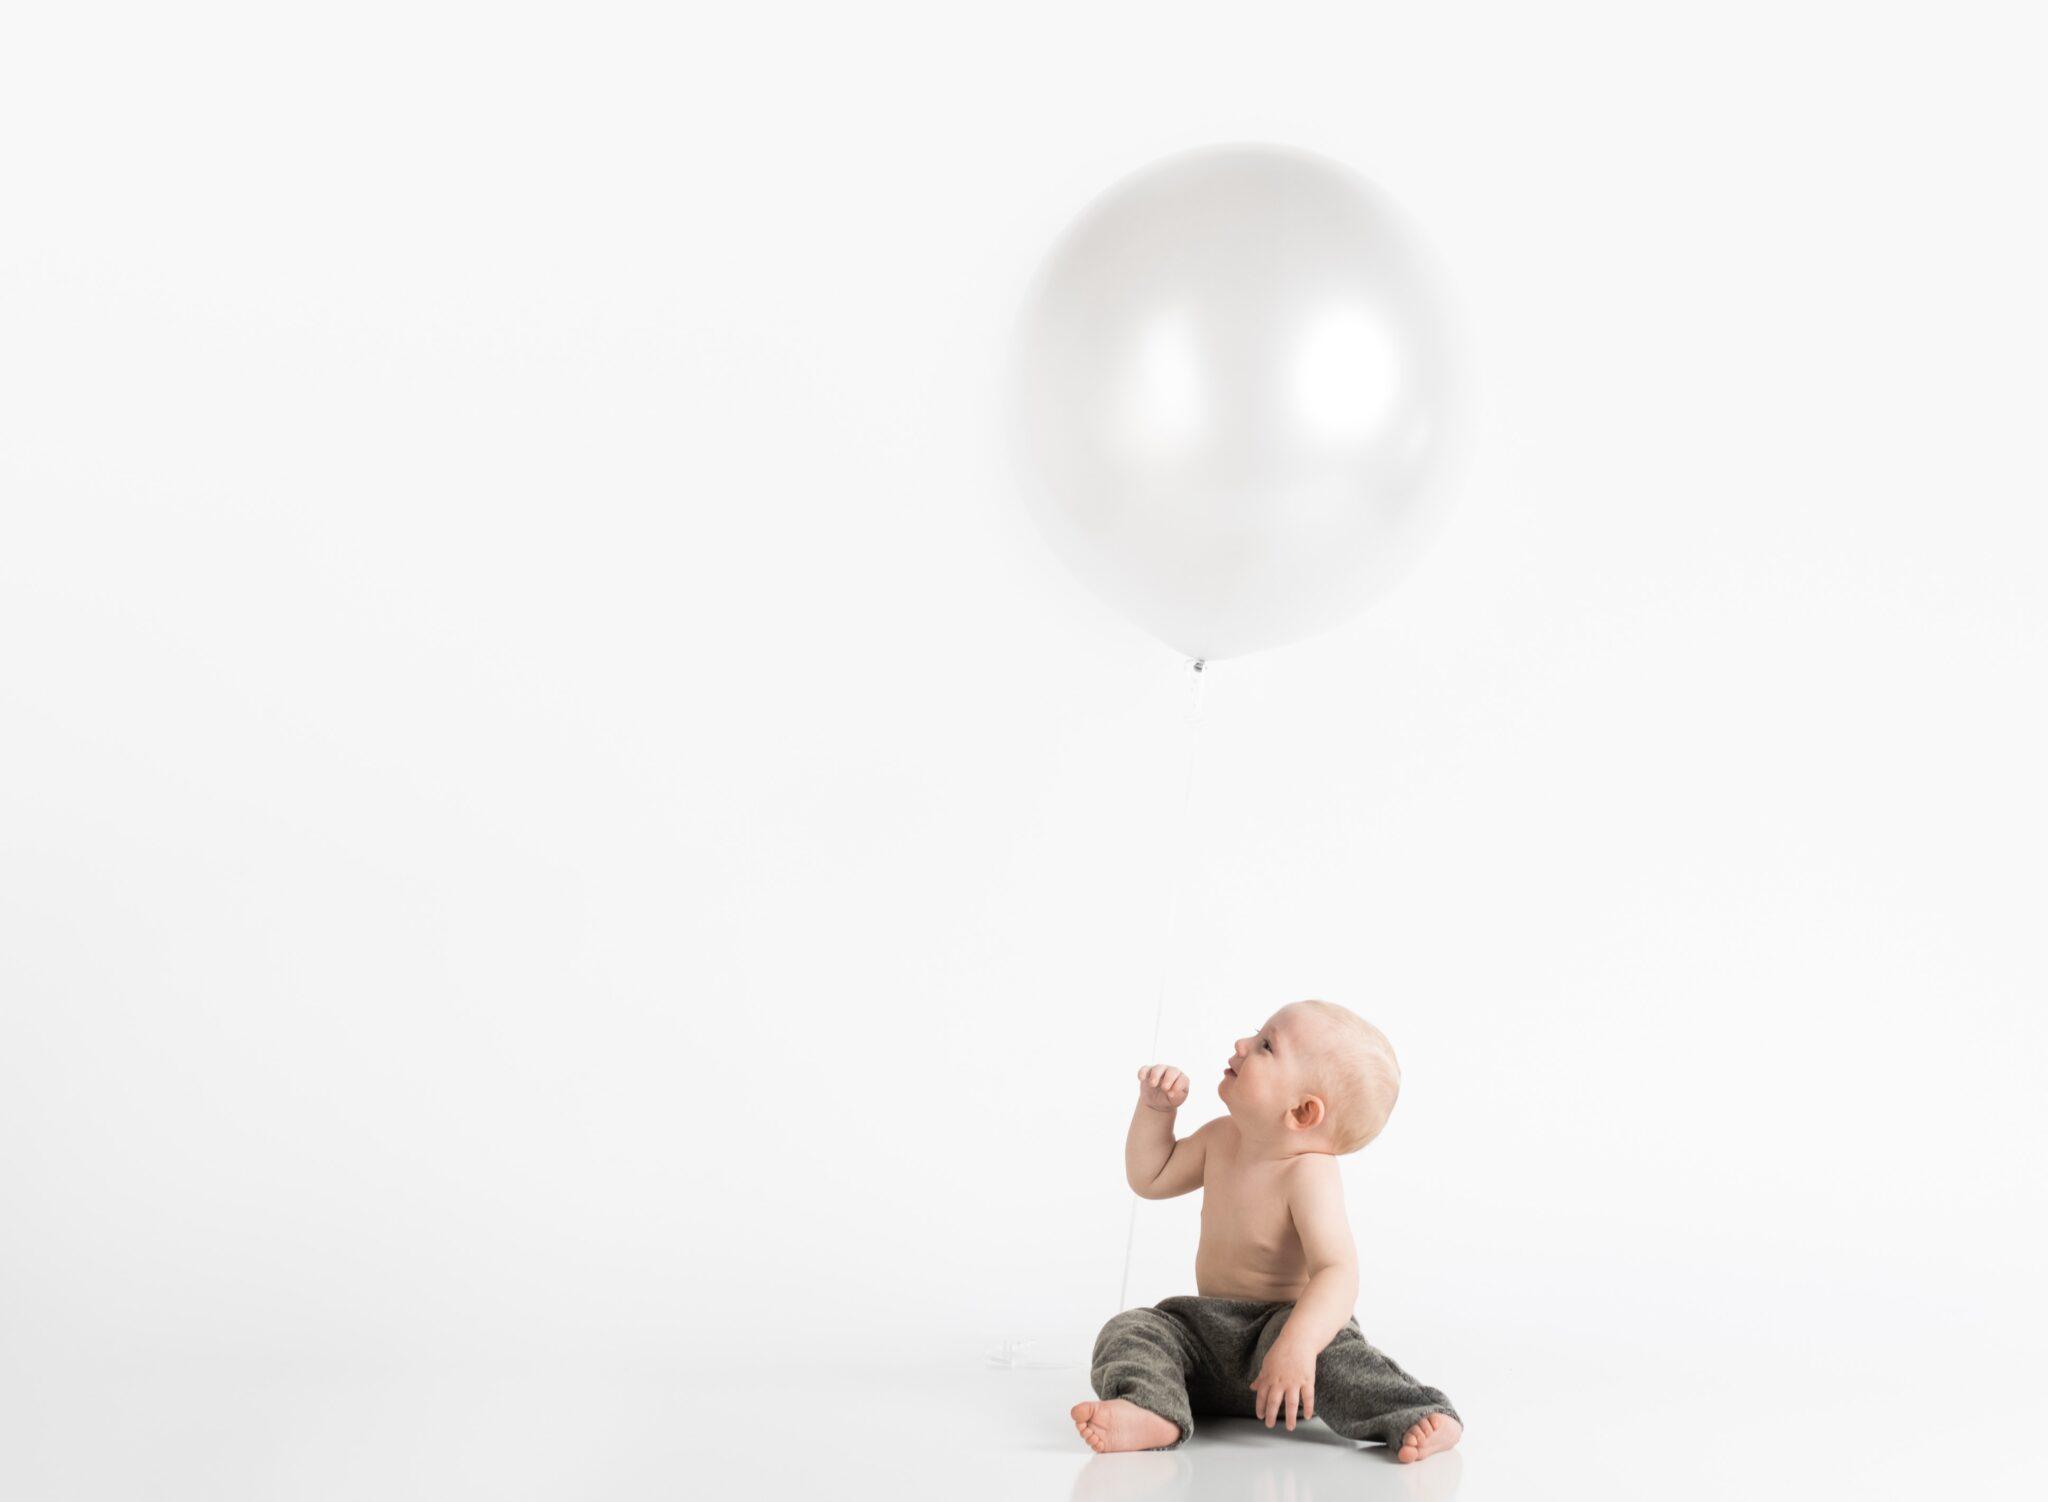 adorable baby balloon 1108195